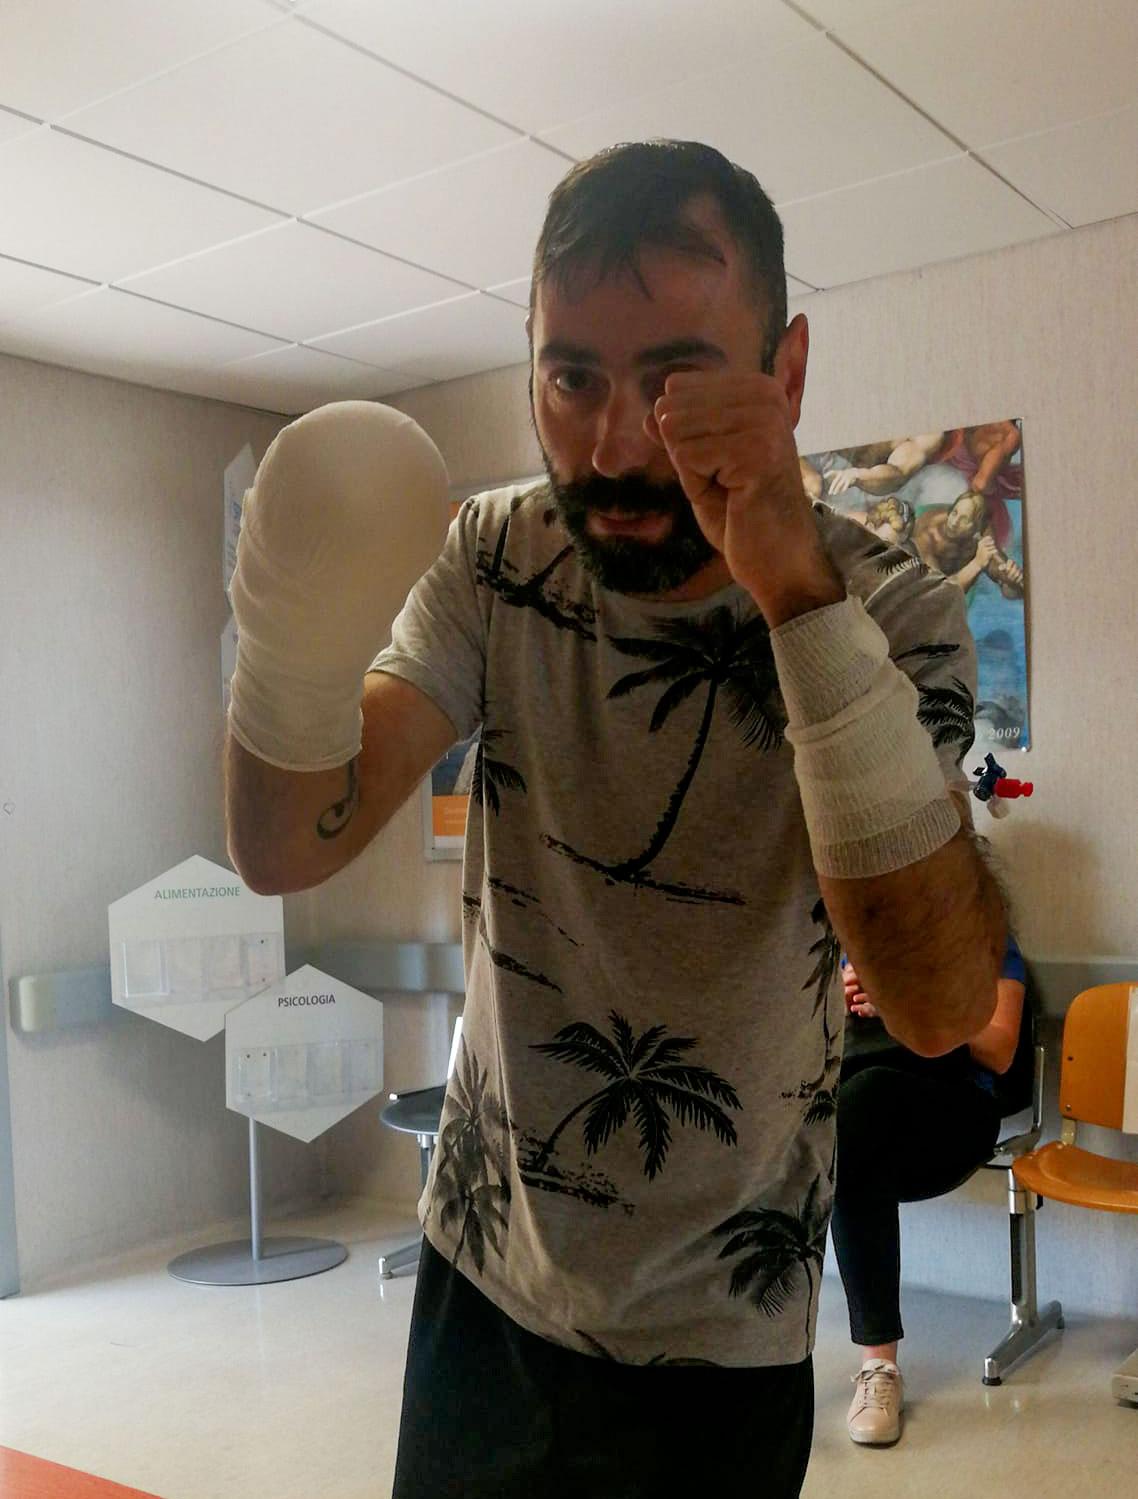 La reazione di forza e coraggio di Natalino dopo l'incidente sul lavoro